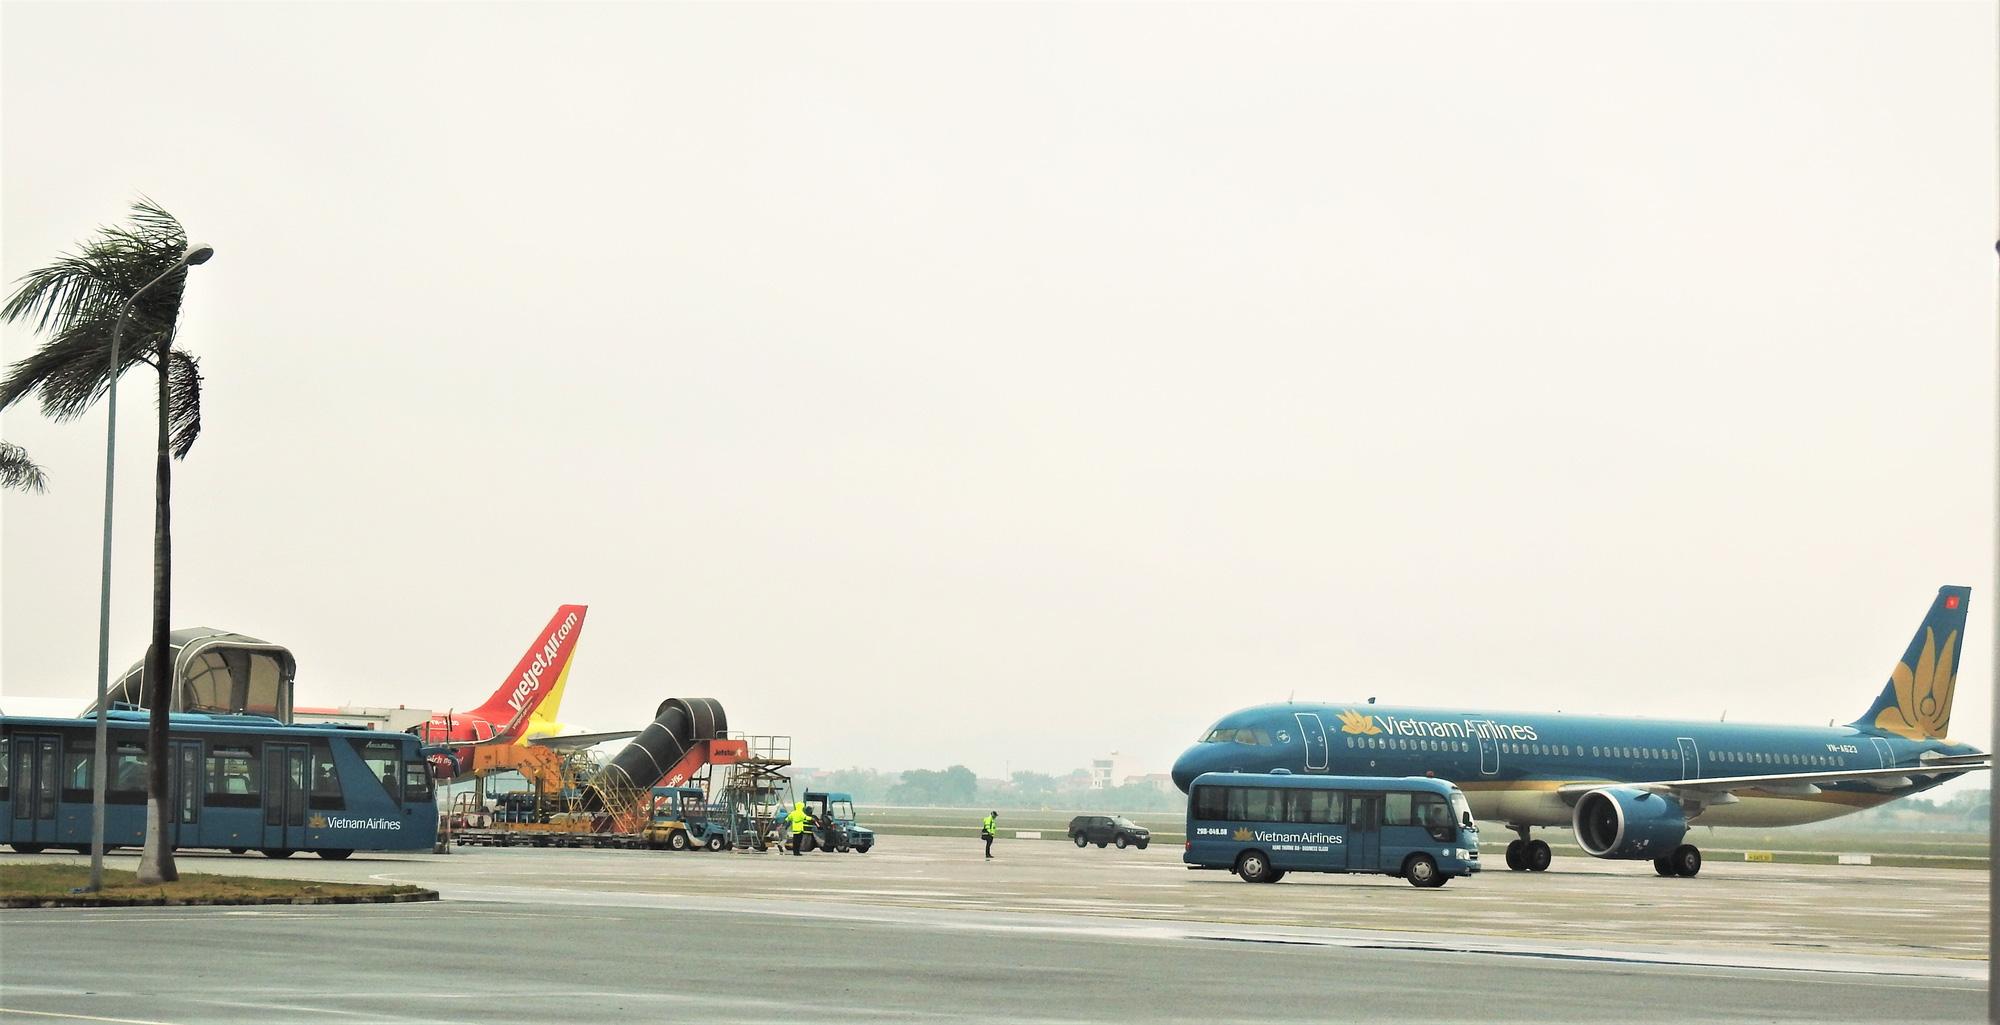 Hàng không Việt hoãn, hủy hàng chục chuyến bay vì Bão số 2 (Sinlaku) - Ảnh 1.